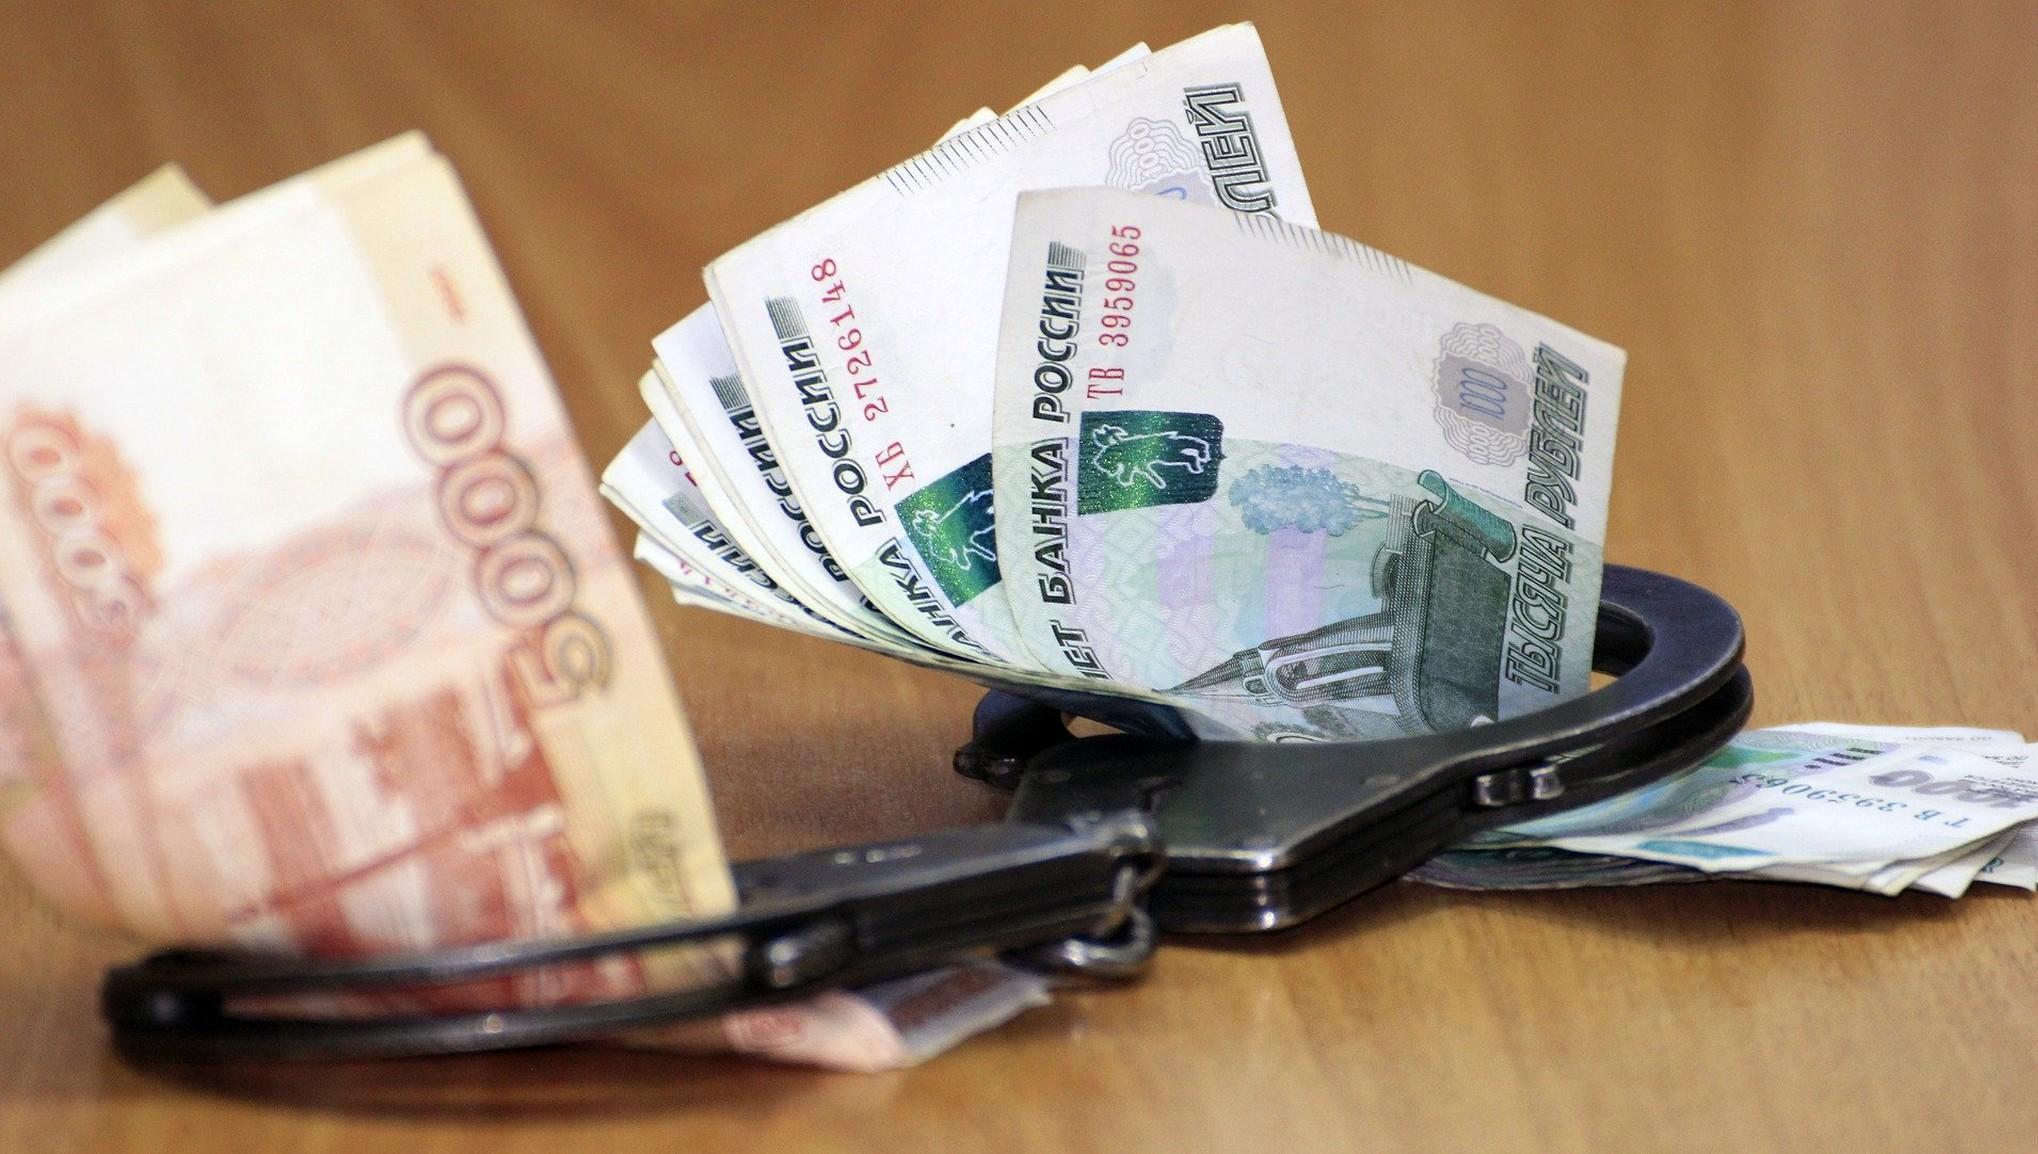 Тверской областной суд подтвердил продление ареста советника главы Твери, обвиняемого в крупной взятке - новости Афанасий